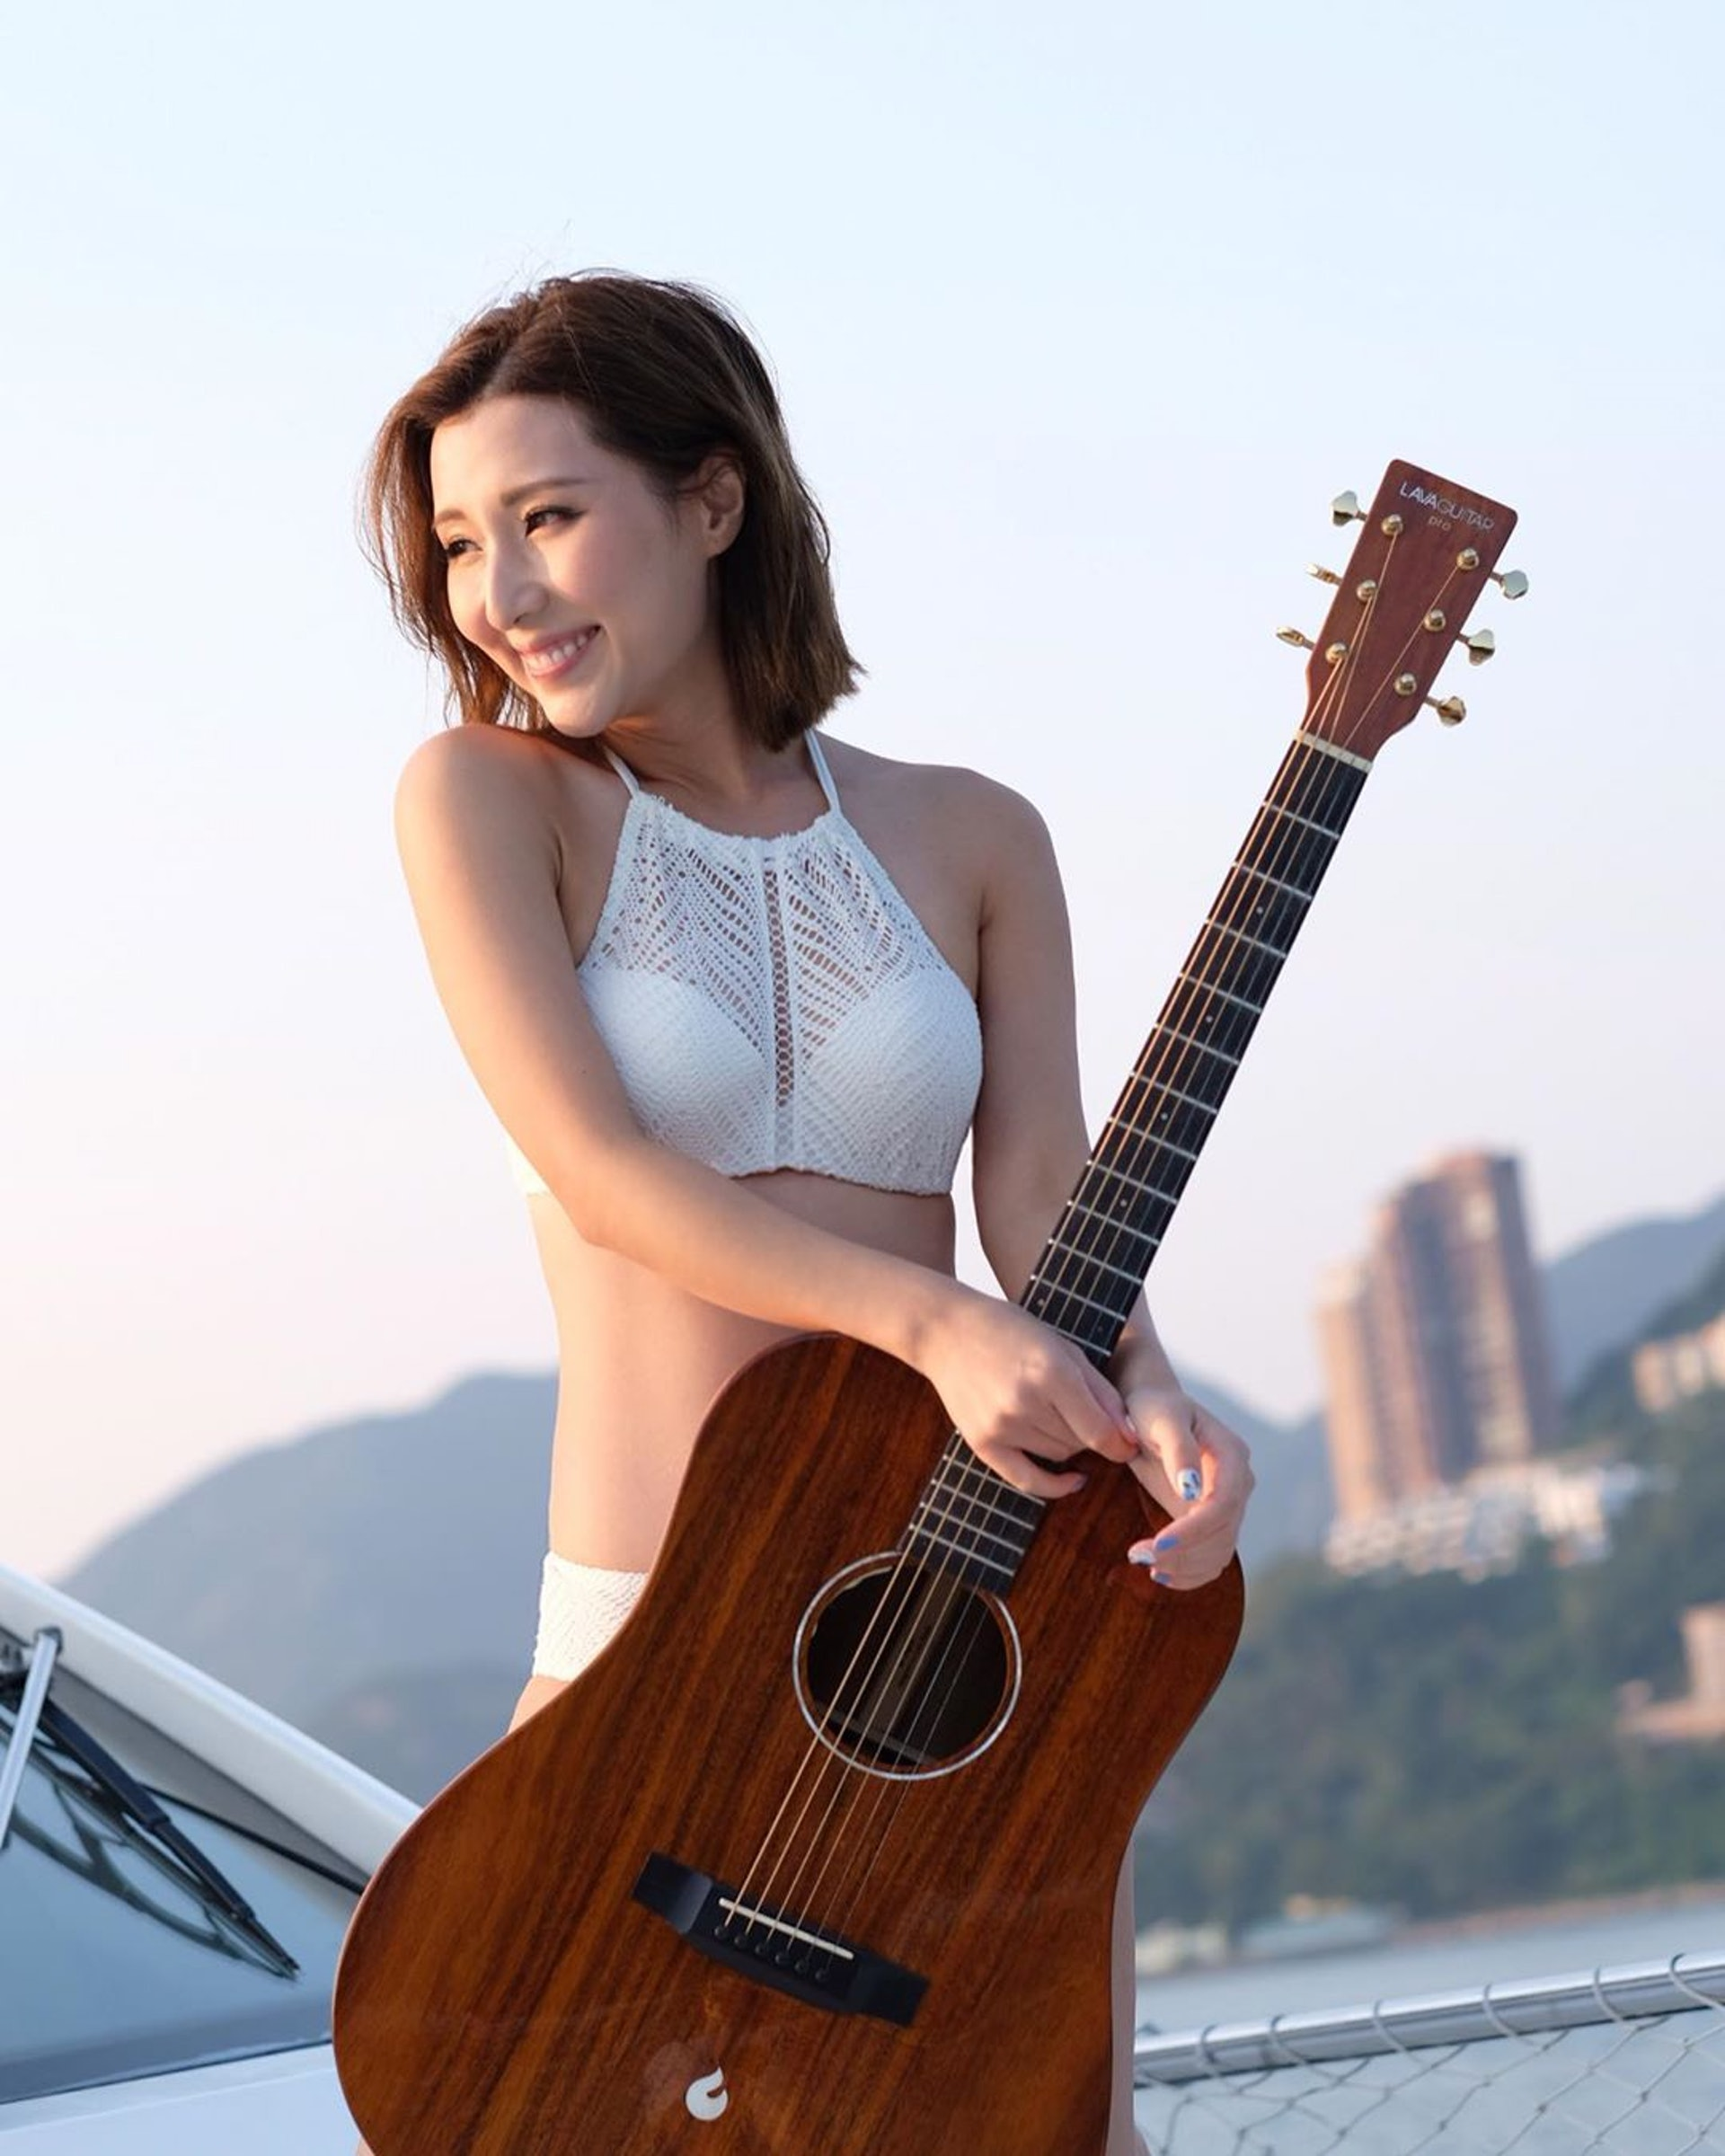 譚嘉儀2011年參加無綫電視歌唱選秀節目《超級巨聲3》奪取季軍而加入娛樂圈。(Instagram/@kayeepo)